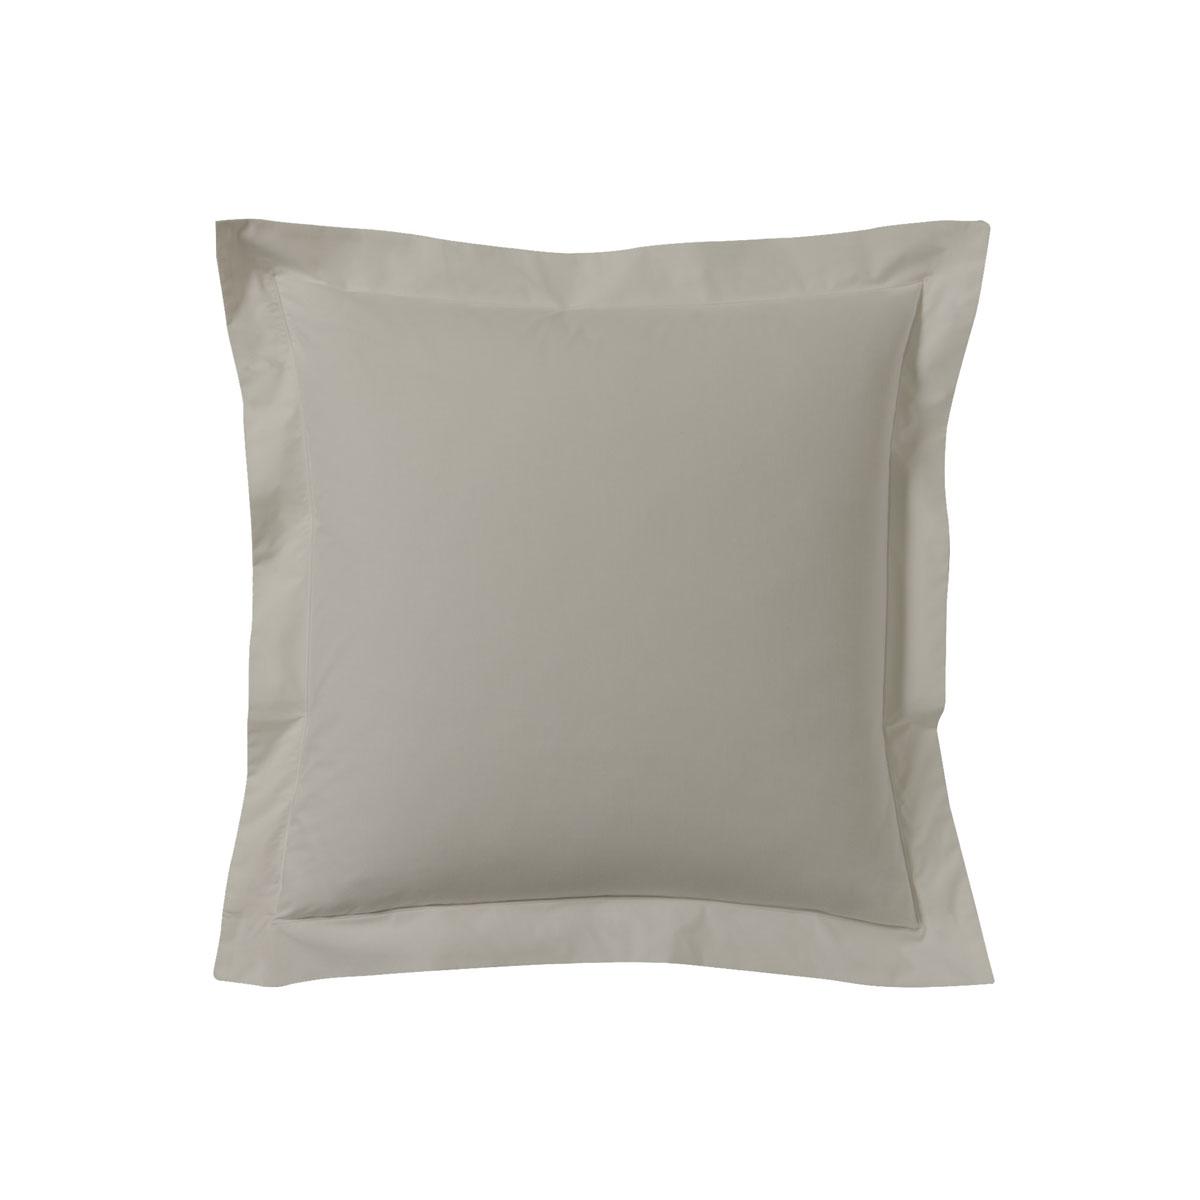 Taie d'oreiller unie en coton, gris 63x63